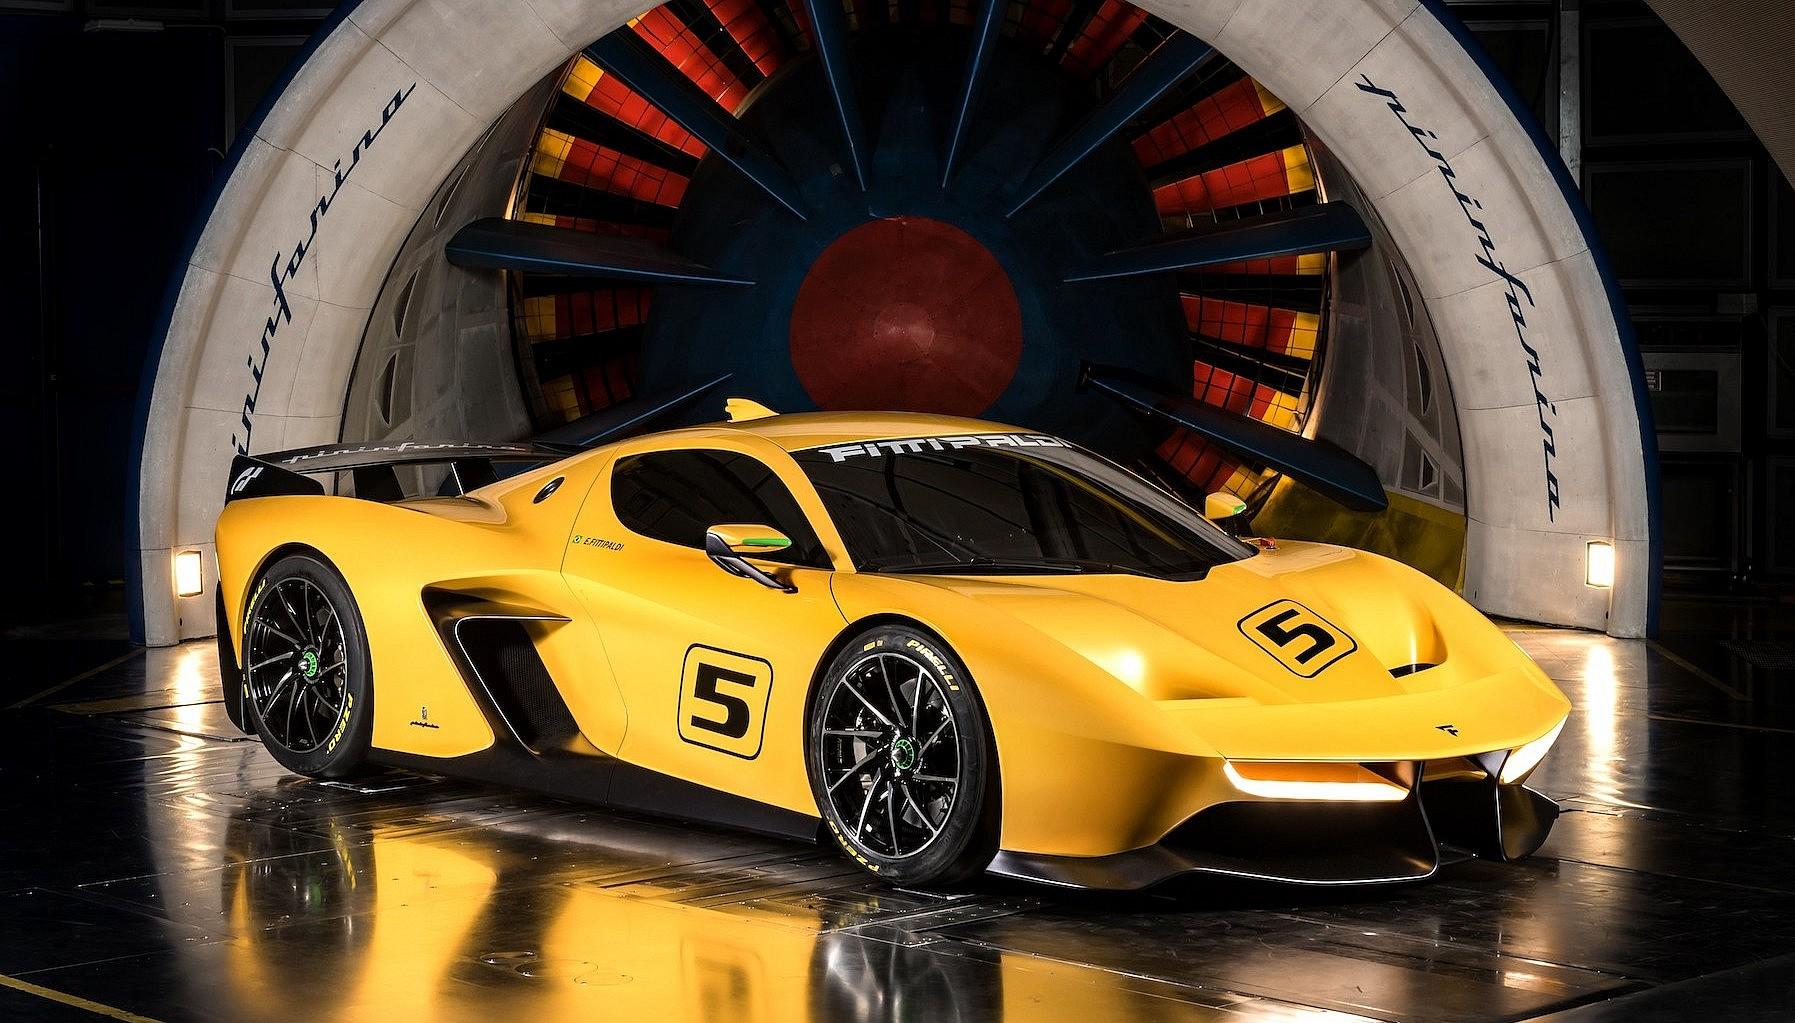 Fittipaldi EF7 Vision Gran Turismo, Pininfarina